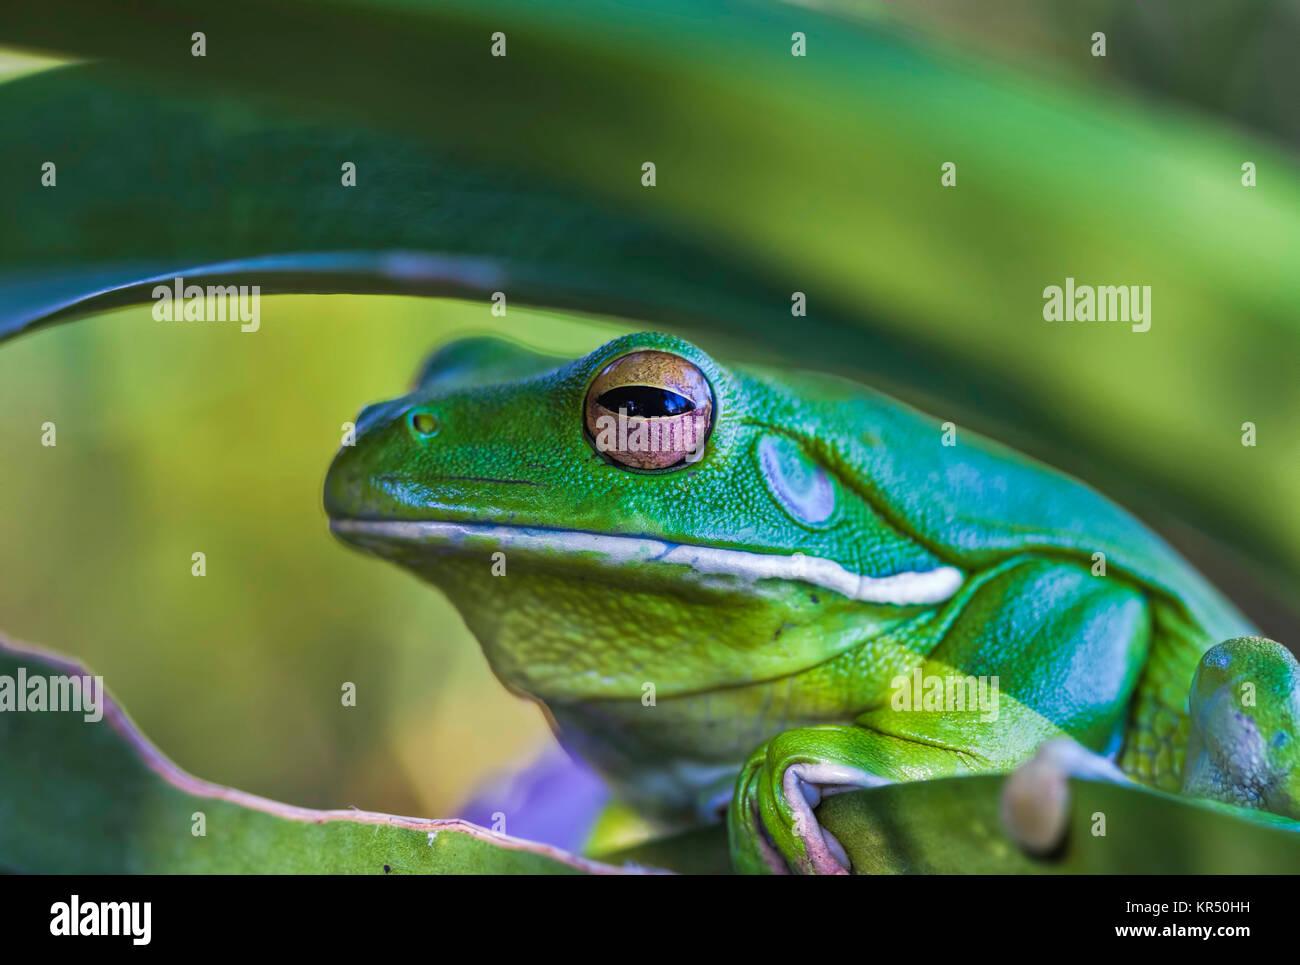 Gros plan d'une grenouille verte tropicale Banque D'Images